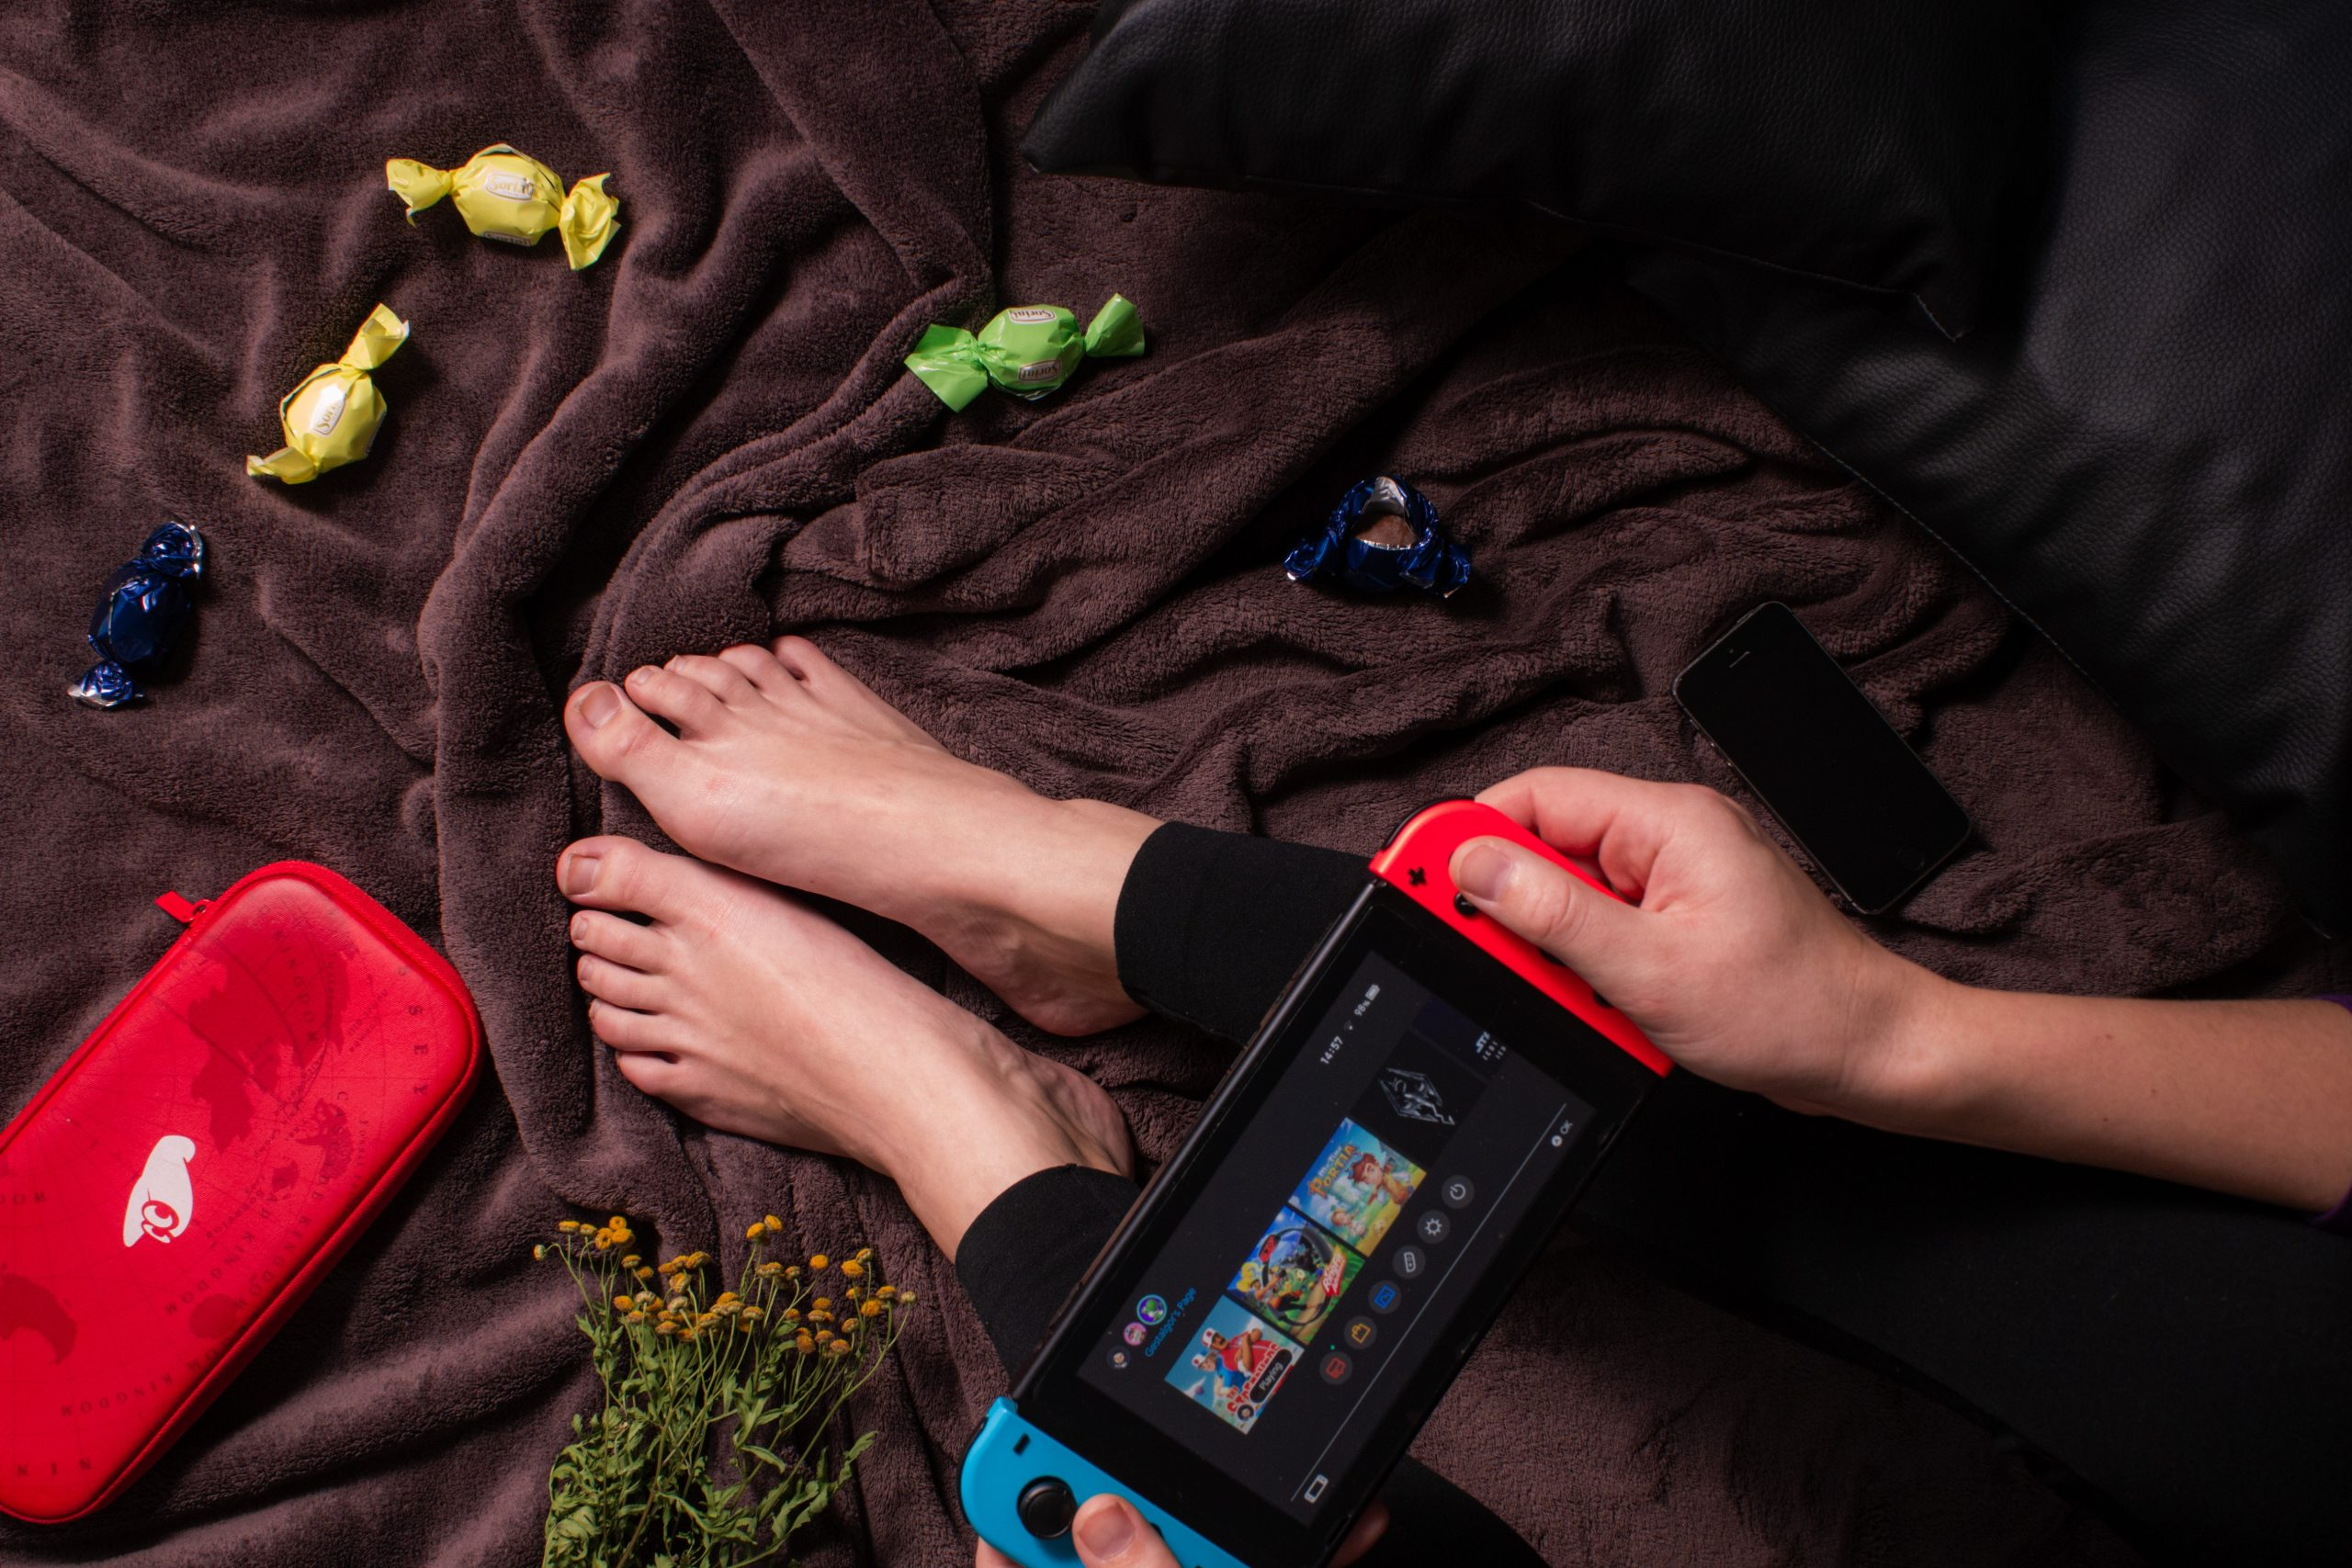 jugando switch en la cama